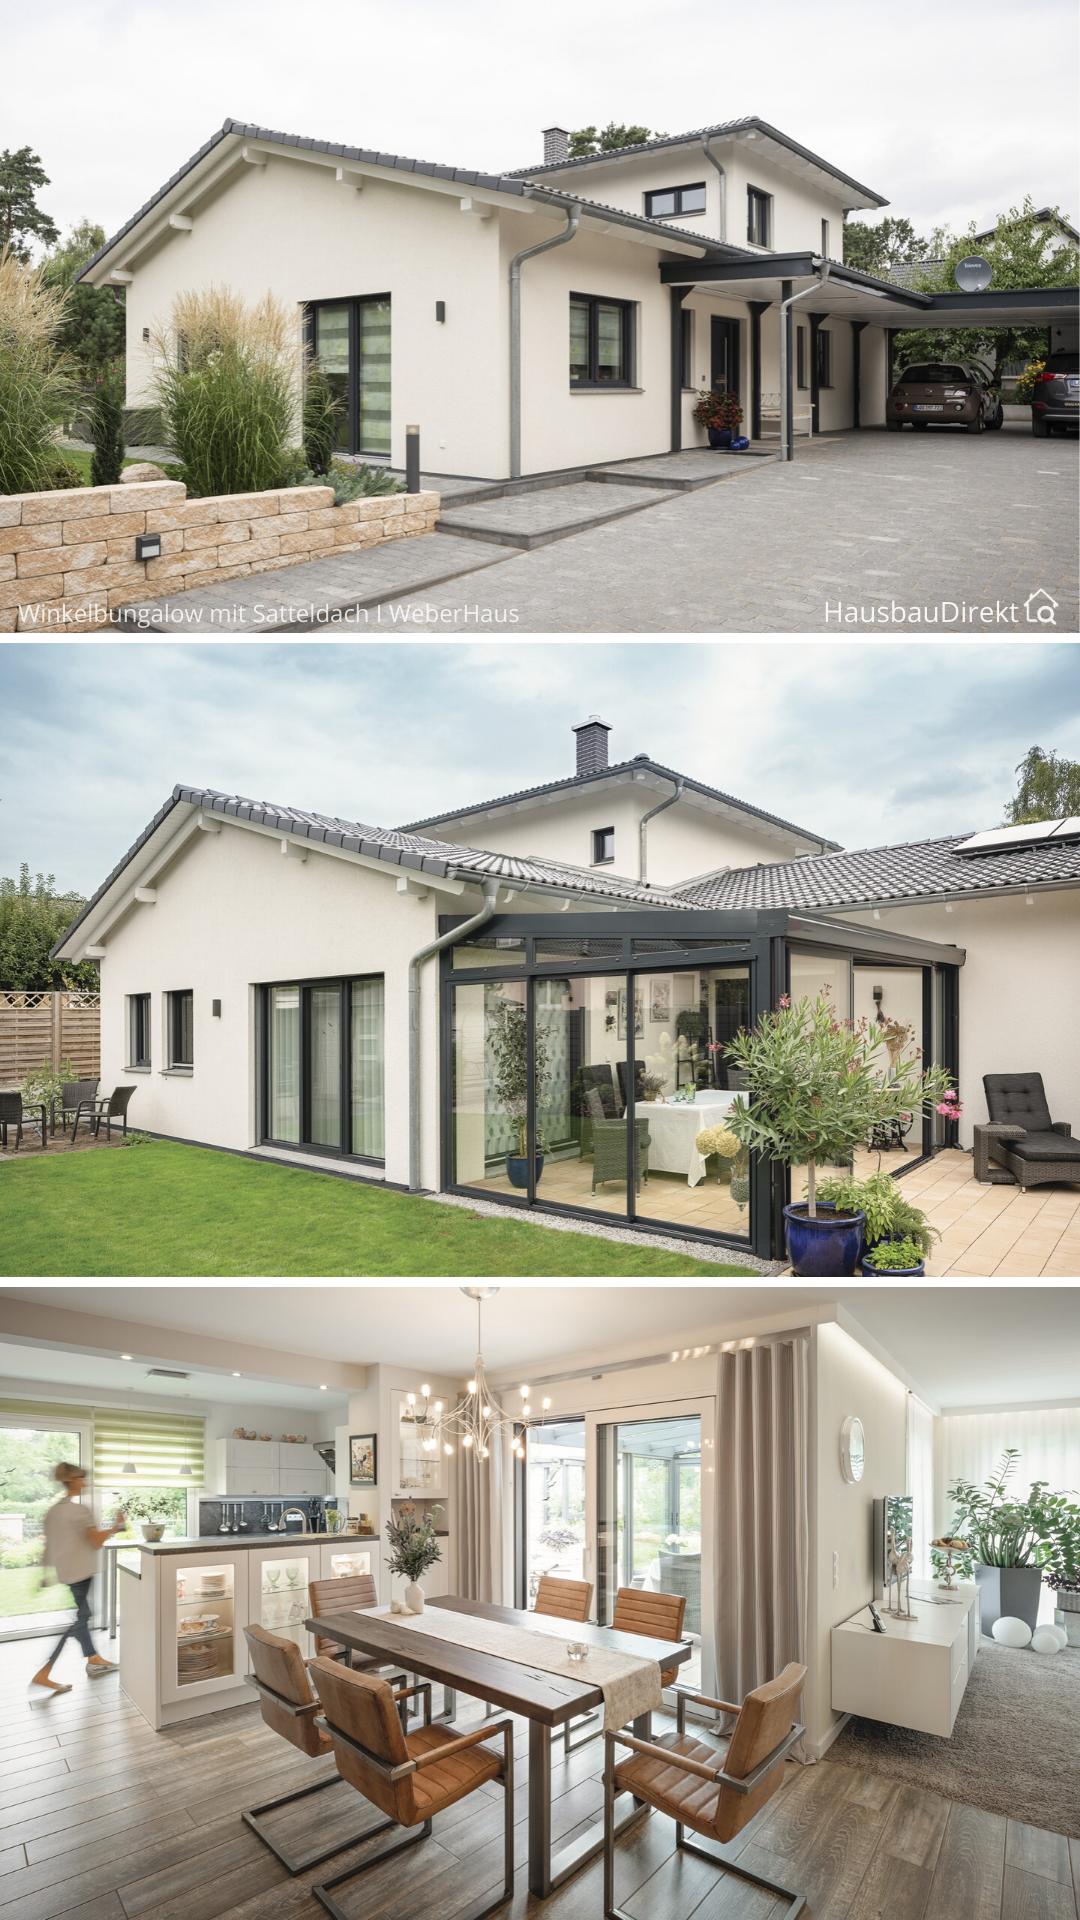 Bungalow mediterran im Landhausstil mit Satteldach Carport & Wintergarten bauen Haus Design Ideen